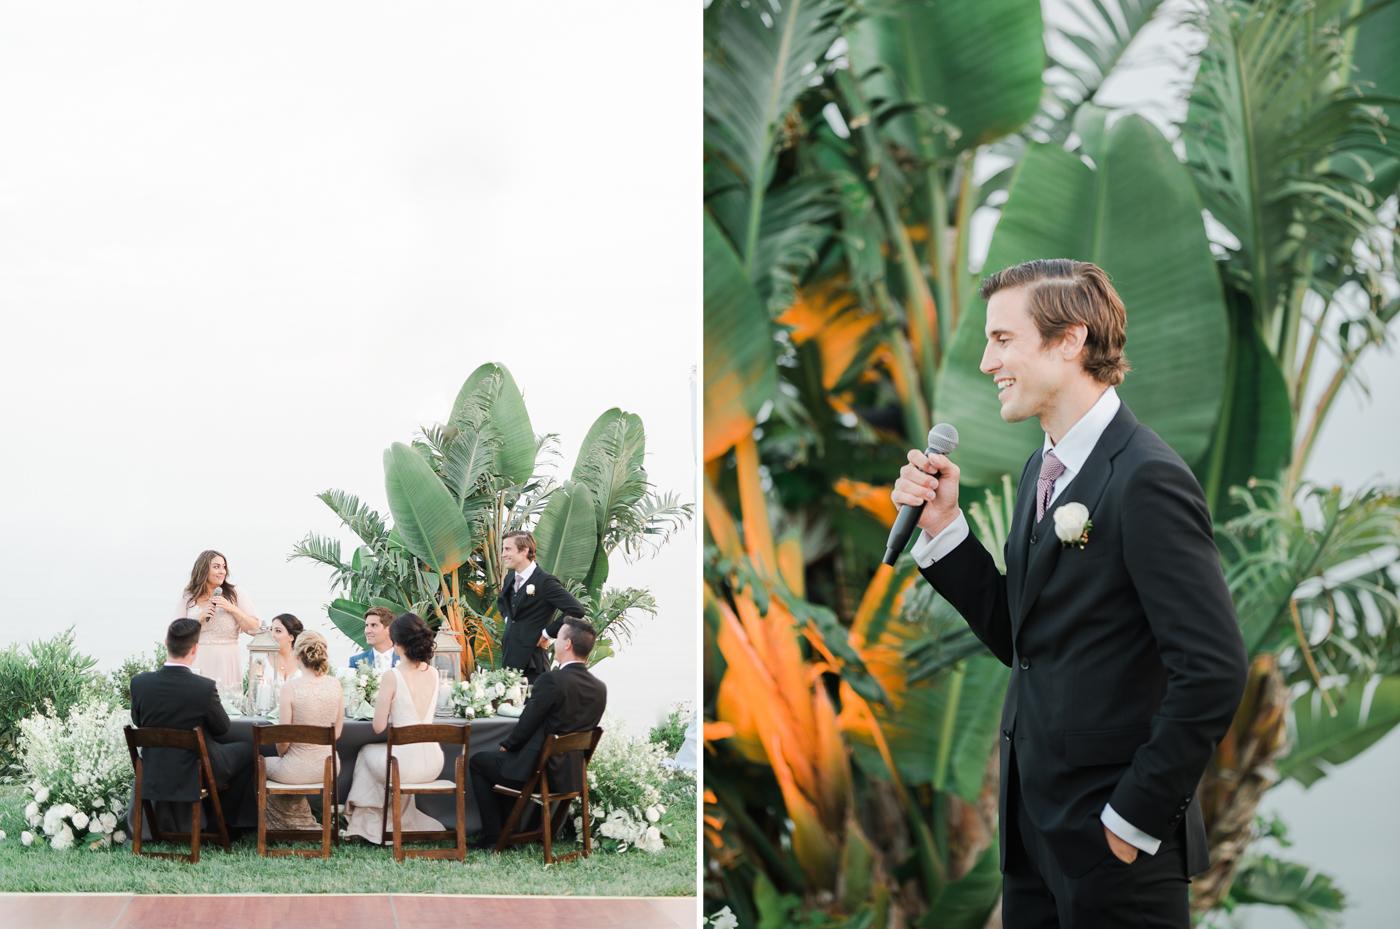 AKP_S&F_Malibu_Wedding_Fine_Art_Photography_Los_Angeles-47_reception.jpg